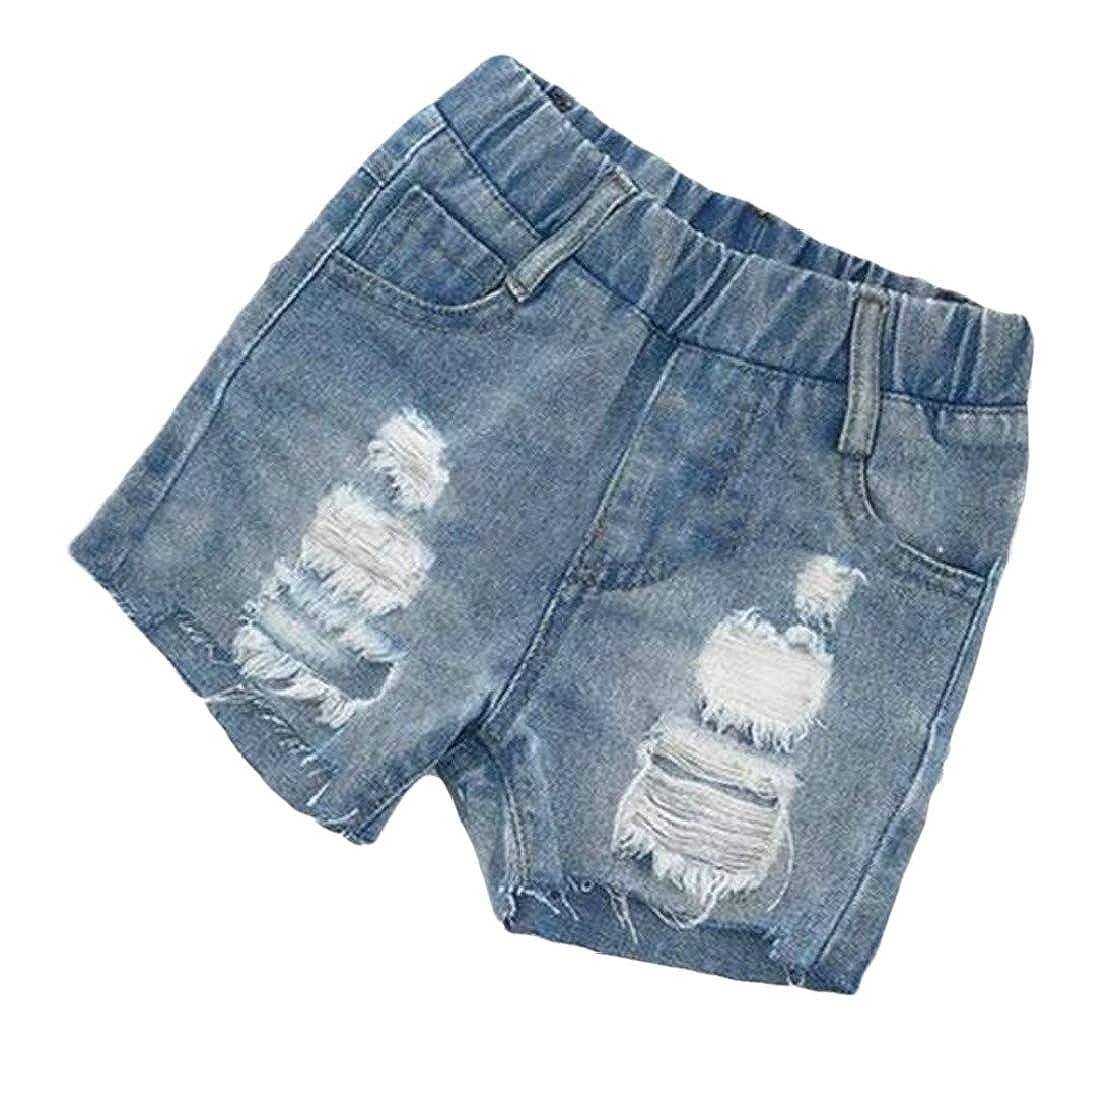 JWK Boys Cozy Faded Ripped Washed Elastic Waist Vogue Denim Shorts